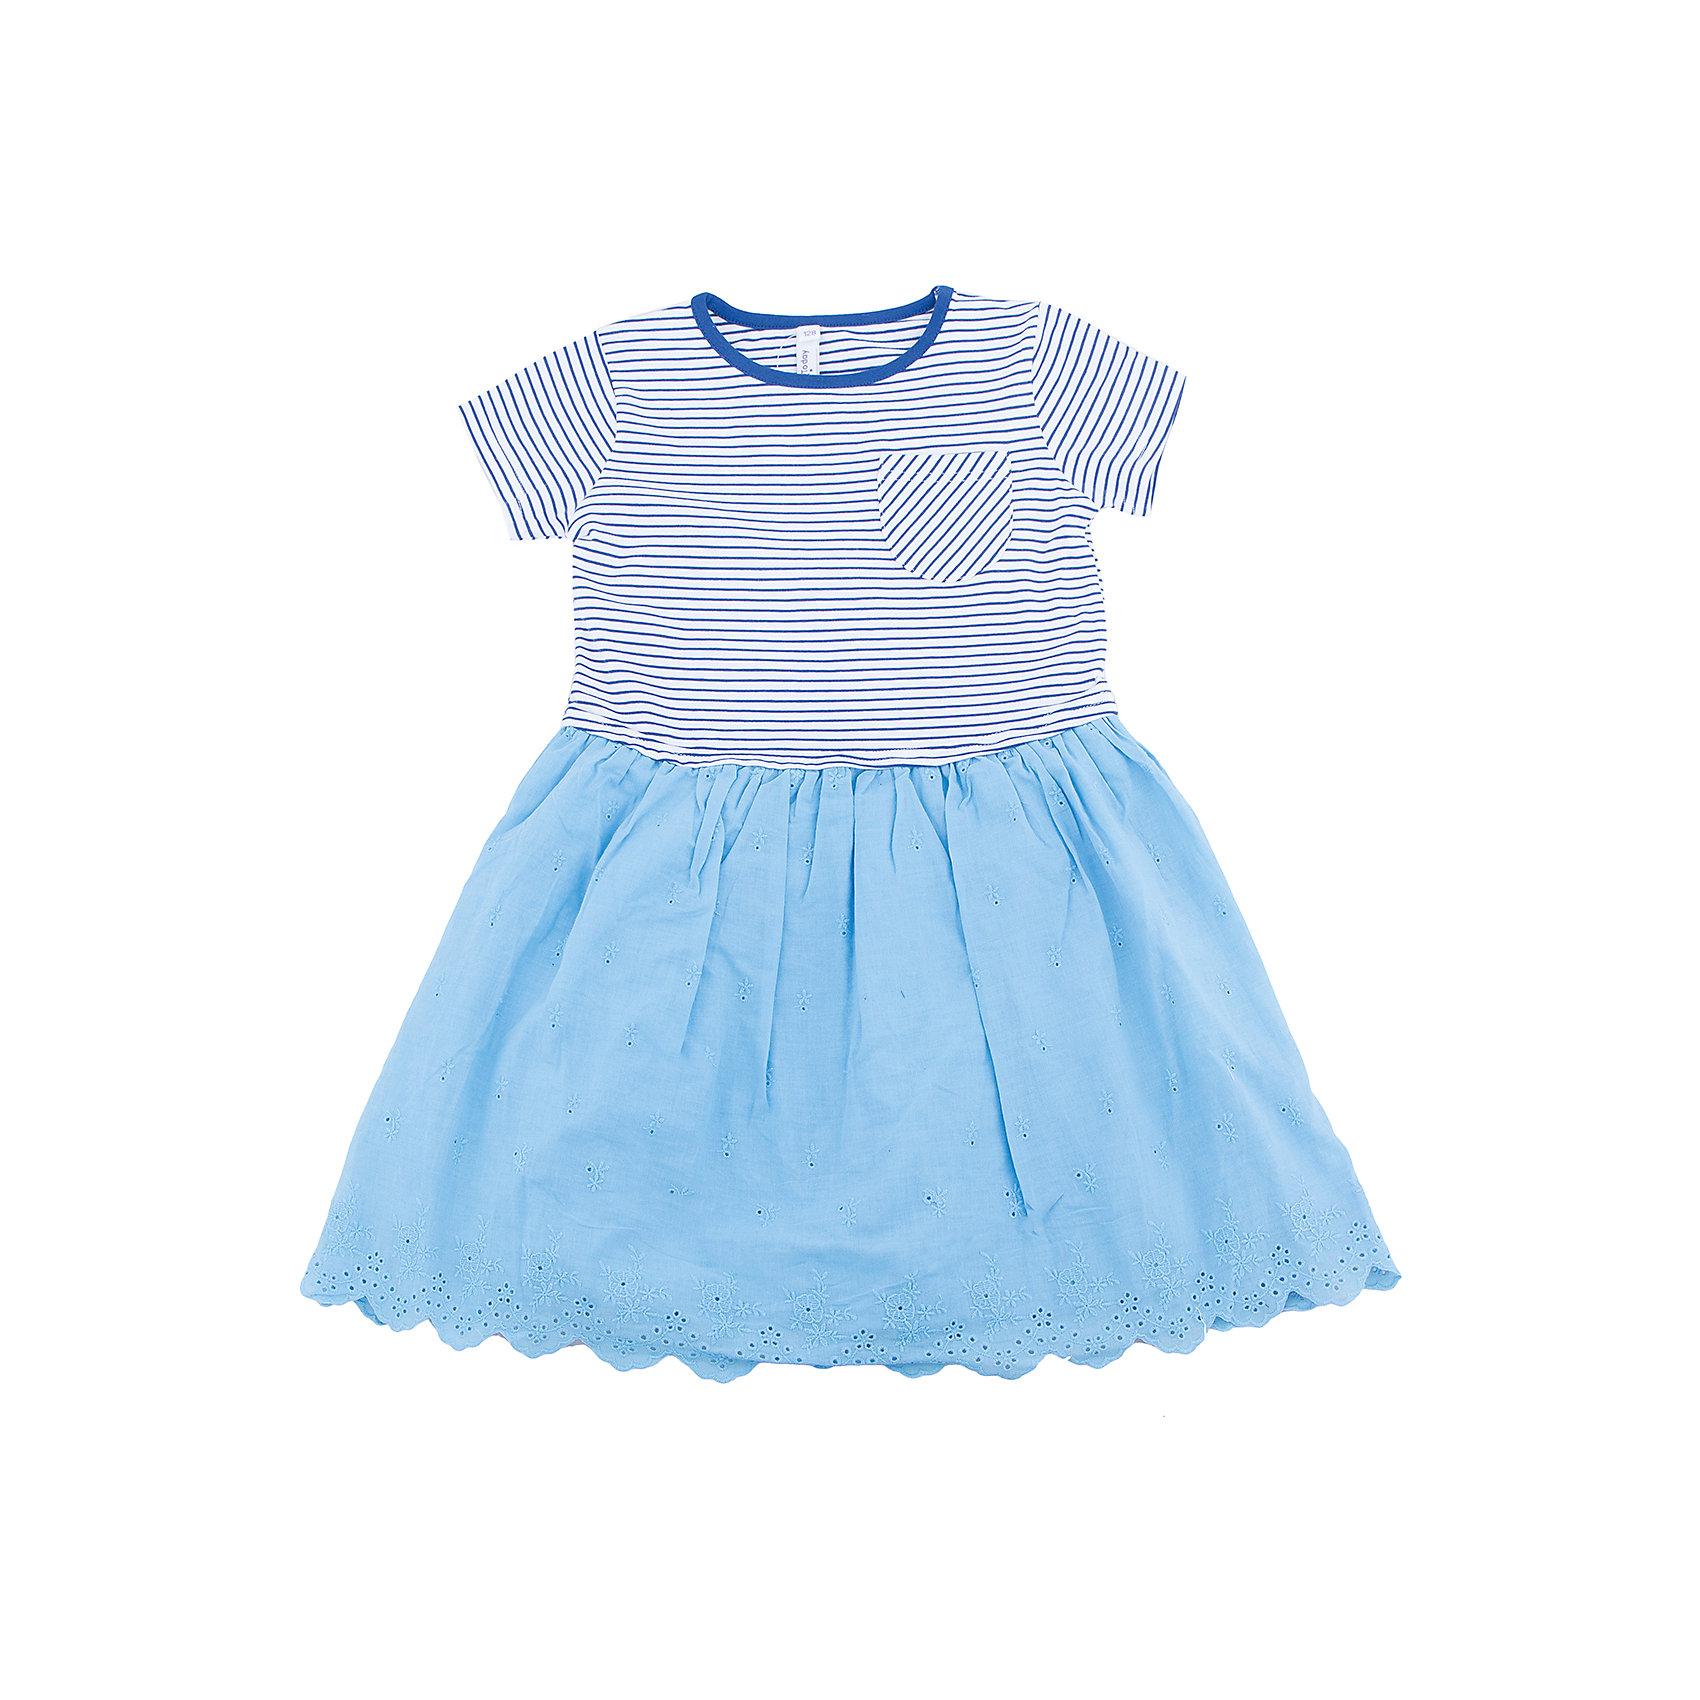 Платье для девочки PlayTodayПлатье для девочки PlayToday<br>Платье отрезное по талии, с округлым вырезом у горловины, понравится Вашей моднице.  Свободный крой не сковывает движений. Приятная на ощупь ткань не раздражает нежную кожу ребенка. Модель декорирована небольшим карманом на полочке.<br> <br><br>Преимущества: <br><br>Мягкая ткань не вызывает раздражений<br>Свободный крой не сковывает движений ребенка<br><br>Состав:<br>95% хлопок, 5% эластан / 100% хлопок<br><br>Ширина мм: 236<br>Глубина мм: 16<br>Высота мм: 184<br>Вес г: 177<br>Цвет: голубой<br>Возраст от месяцев: 84<br>Возраст до месяцев: 96<br>Пол: Женский<br>Возраст: Детский<br>Размер: 128,98,104,110,116,122<br>SKU: 5404279